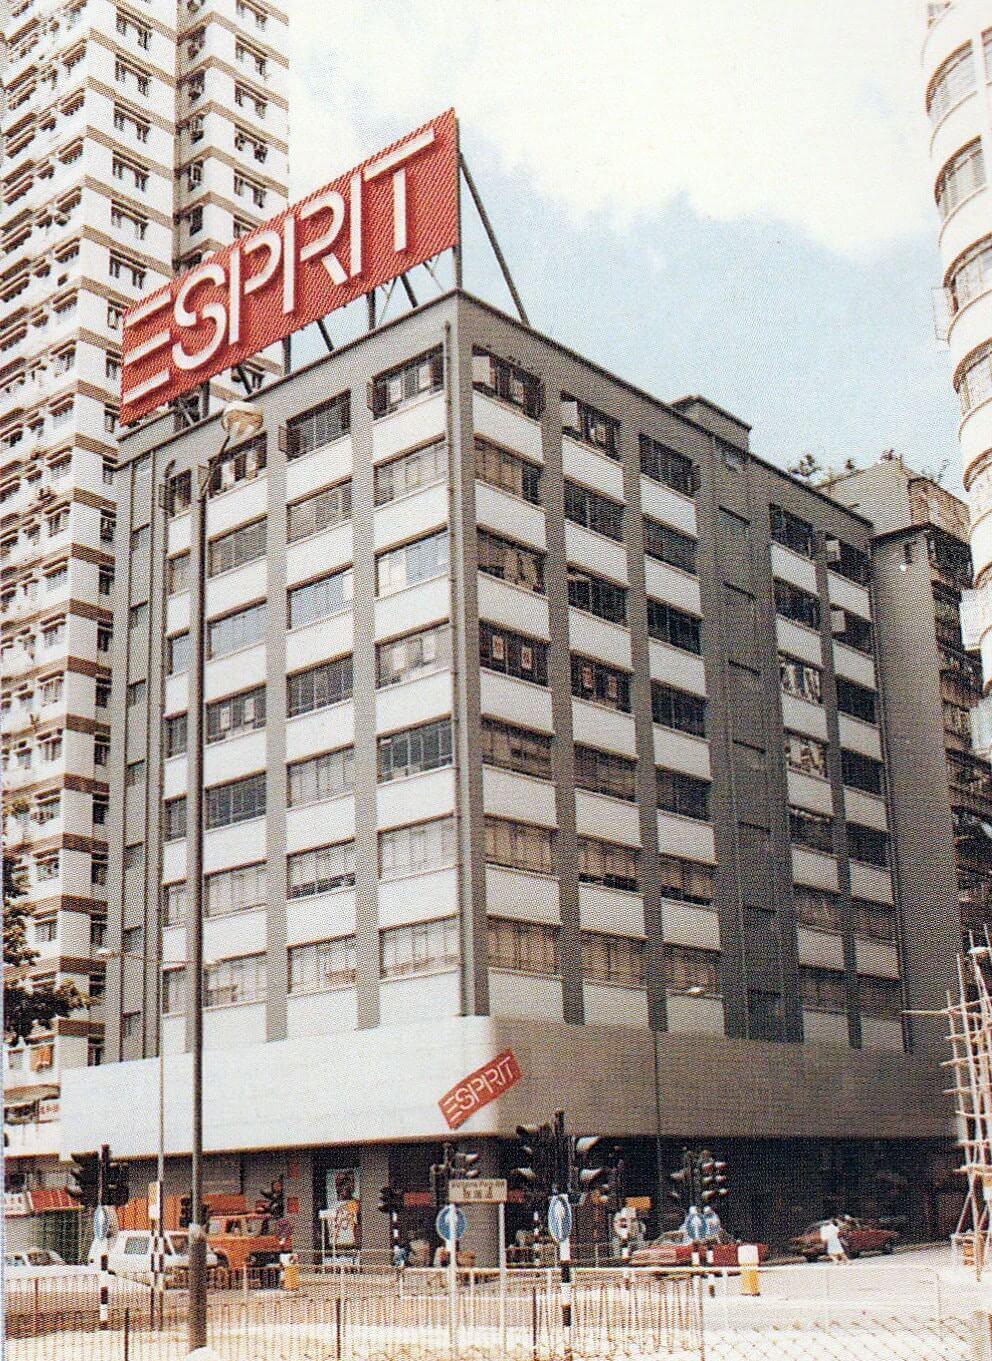 由日本設計師倉俁史朗包辦的興發街Esprit,是一代人的集體回憶。